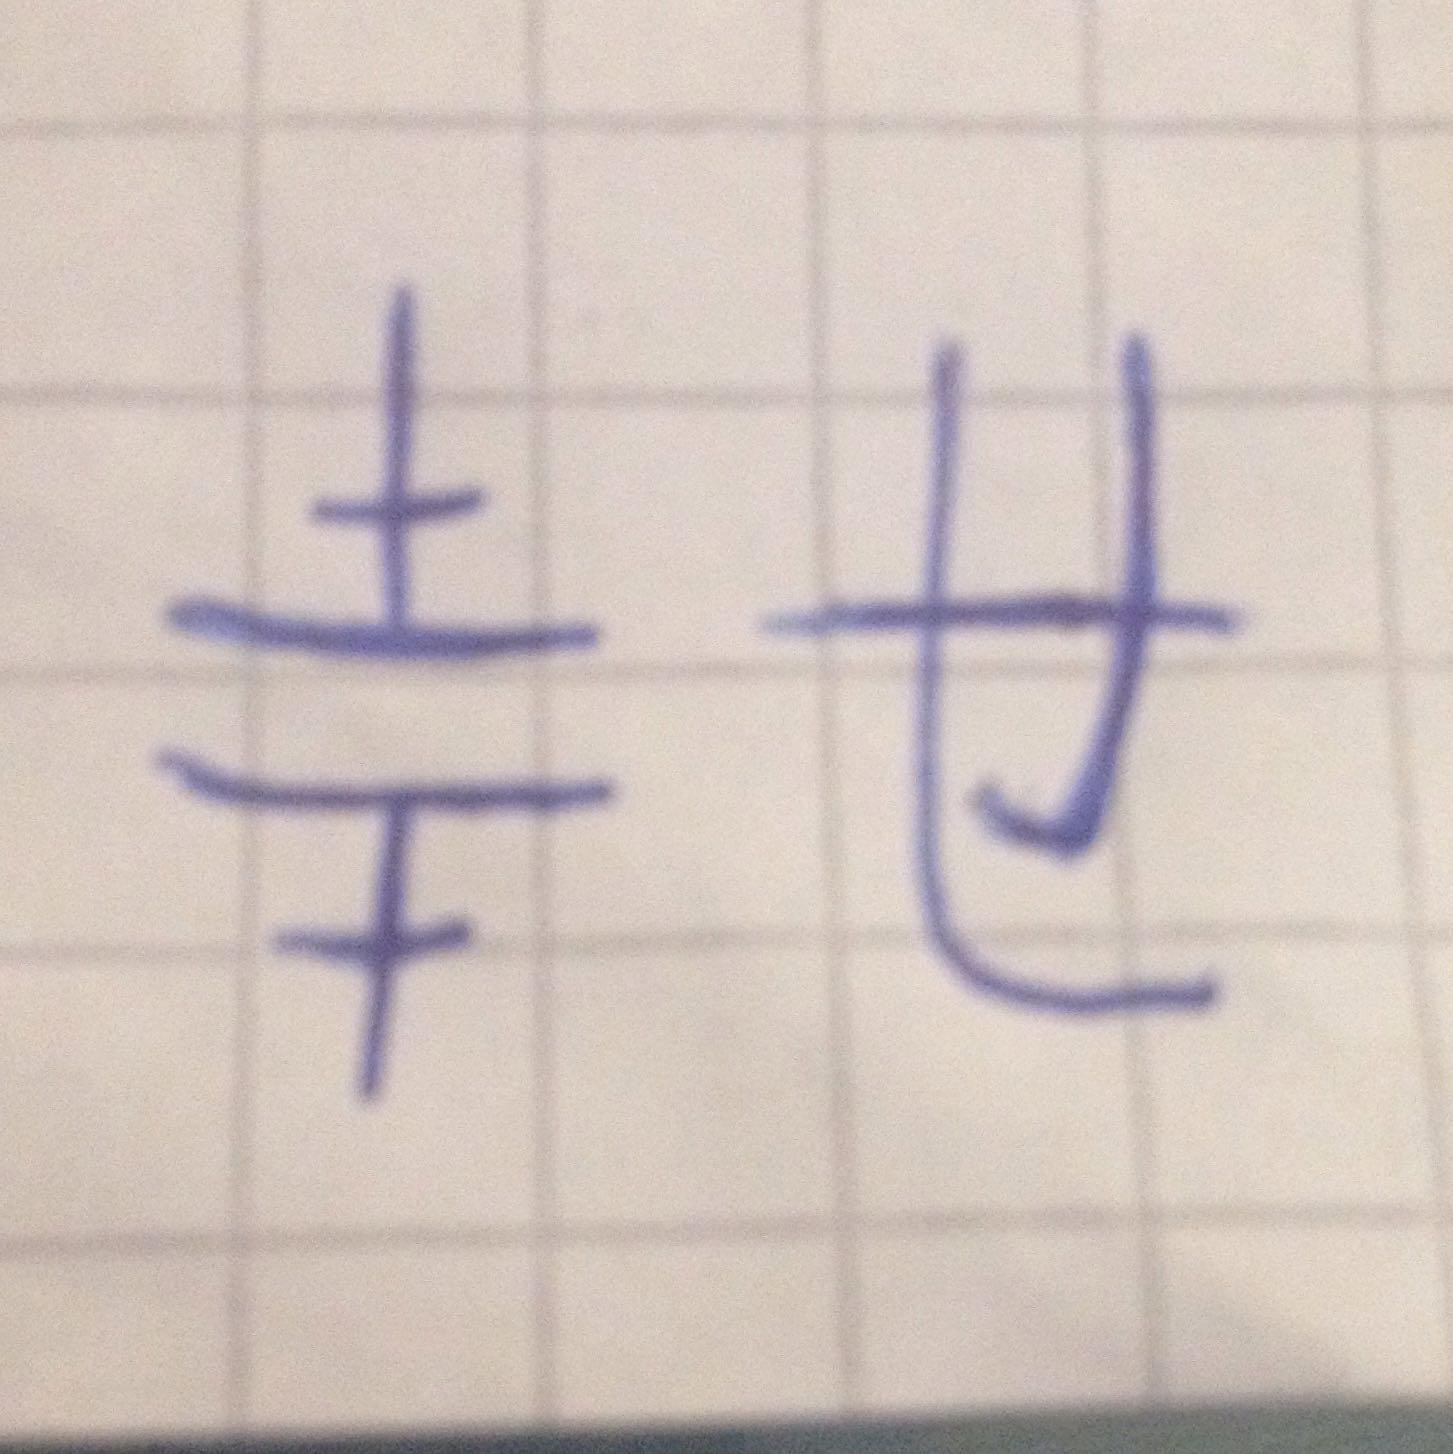 hilfe o bitte sagt mir was das hei t japanische schriftzeichen sprache japanisch. Black Bedroom Furniture Sets. Home Design Ideas